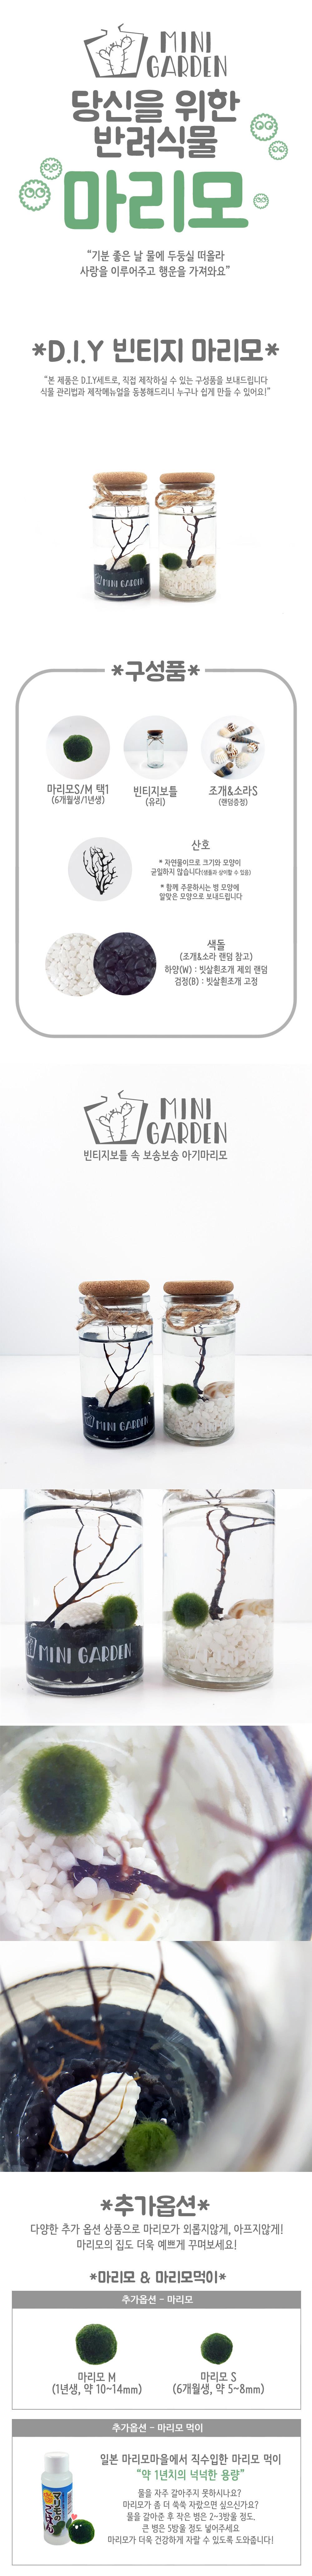 빈티지 화이트-블랙 마리모 DIY 세트 - 미니가든, 13,500원, 키우기, 식물